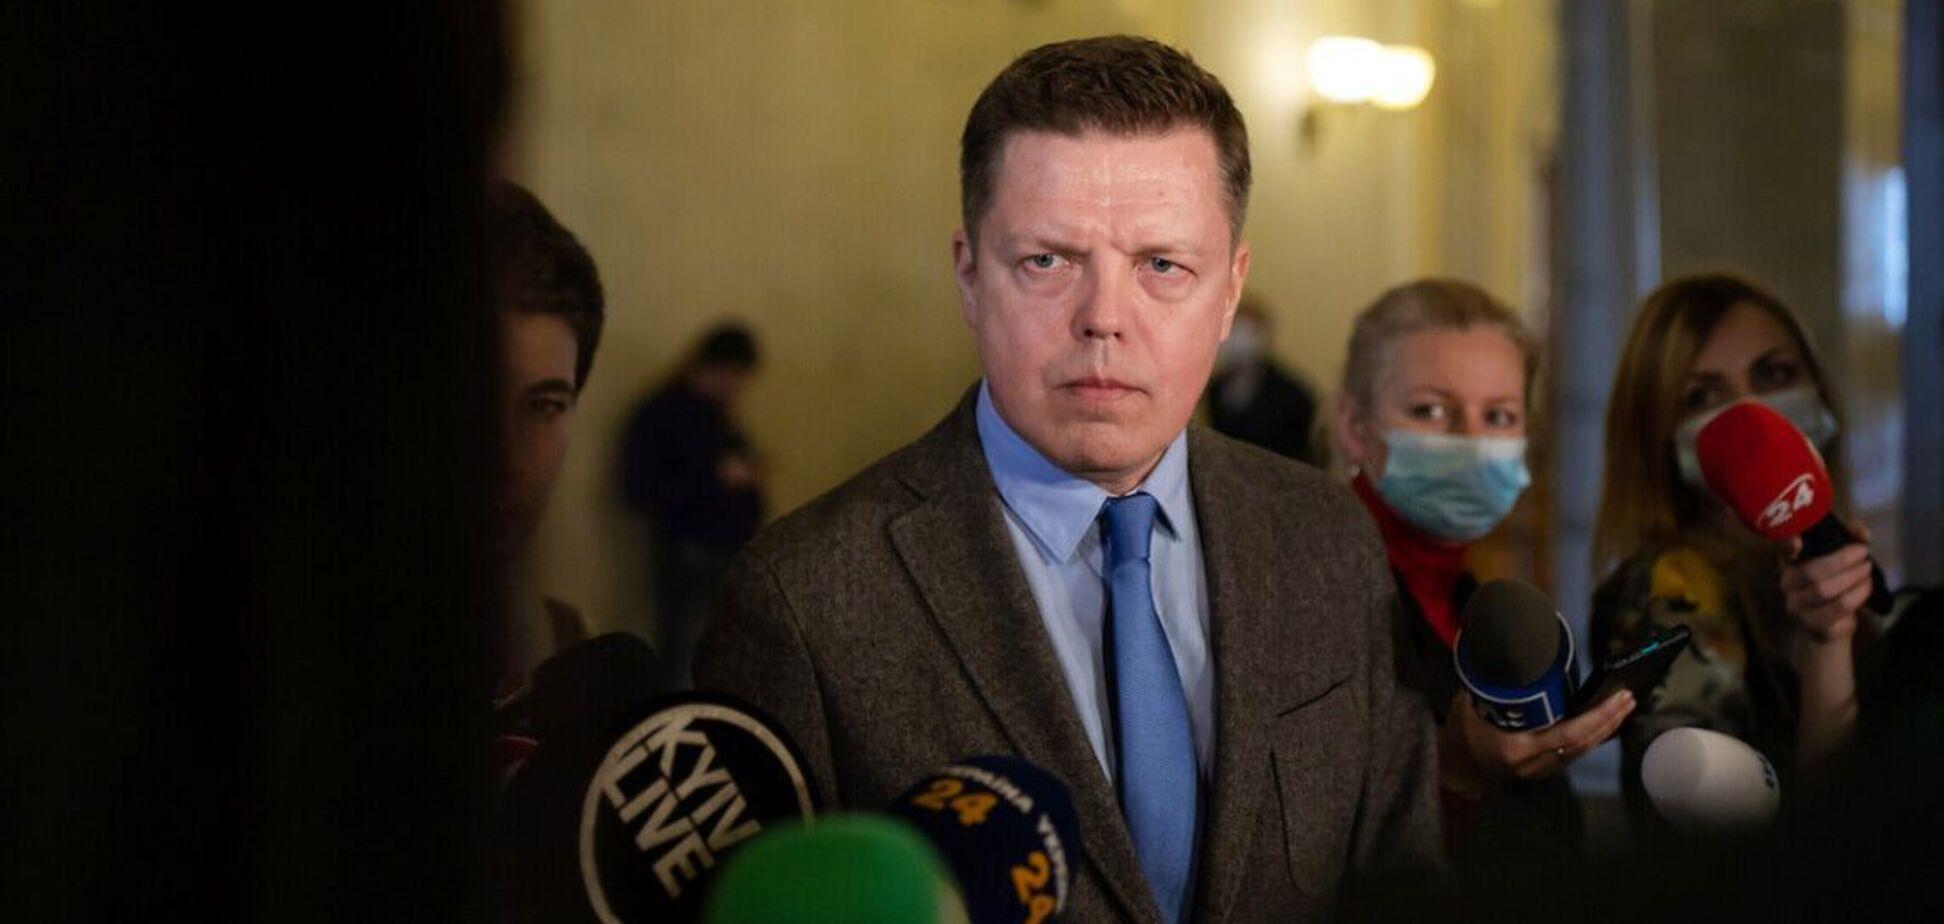 Співпраця з США має стати пріоритетом для України, вікно можливостей втрачати не можна,– Осадчук